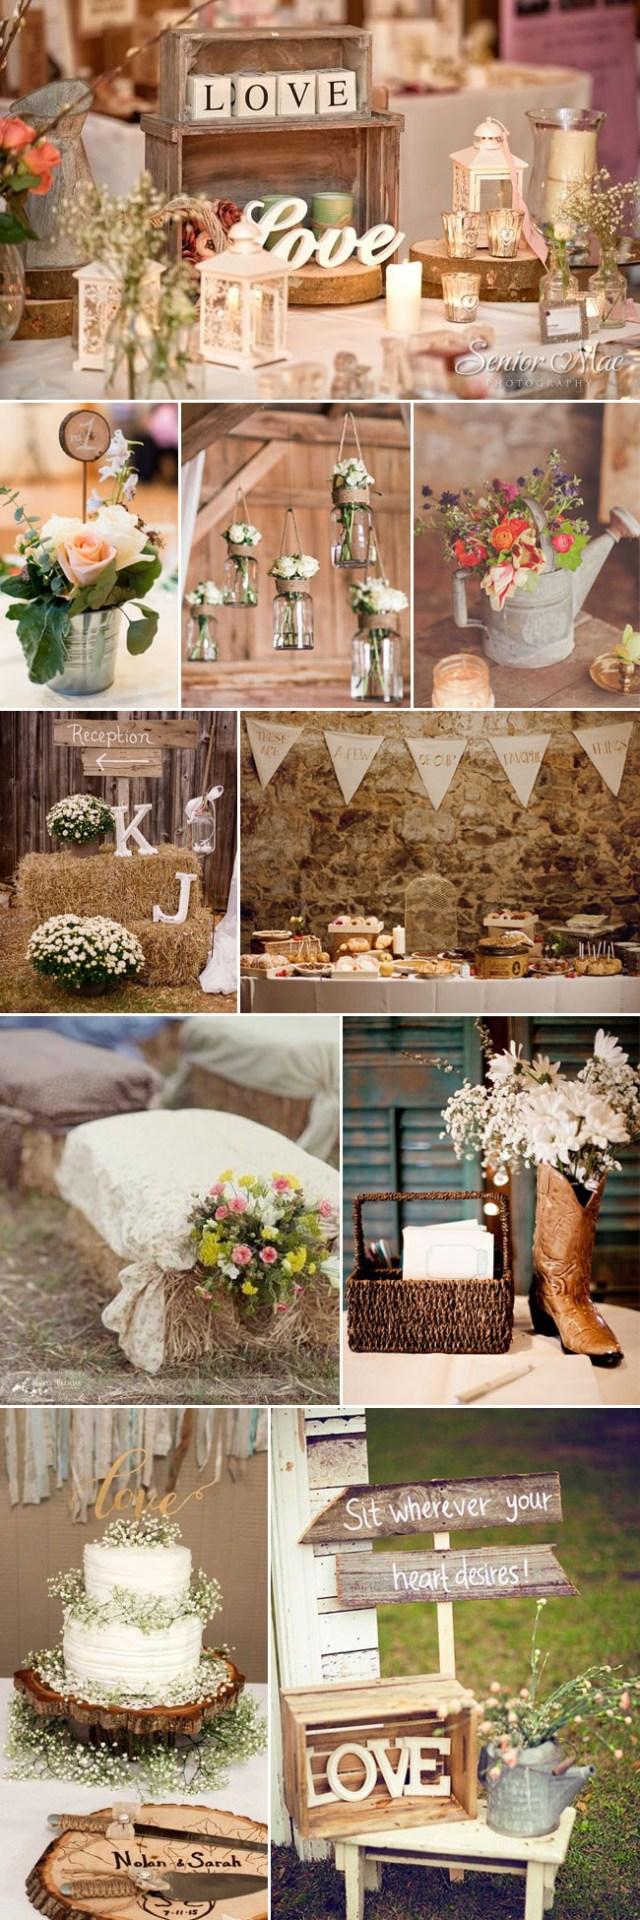 Simple Rustic Wedding Decor Rustic Wedding Ideas Stylish Wedd Blog